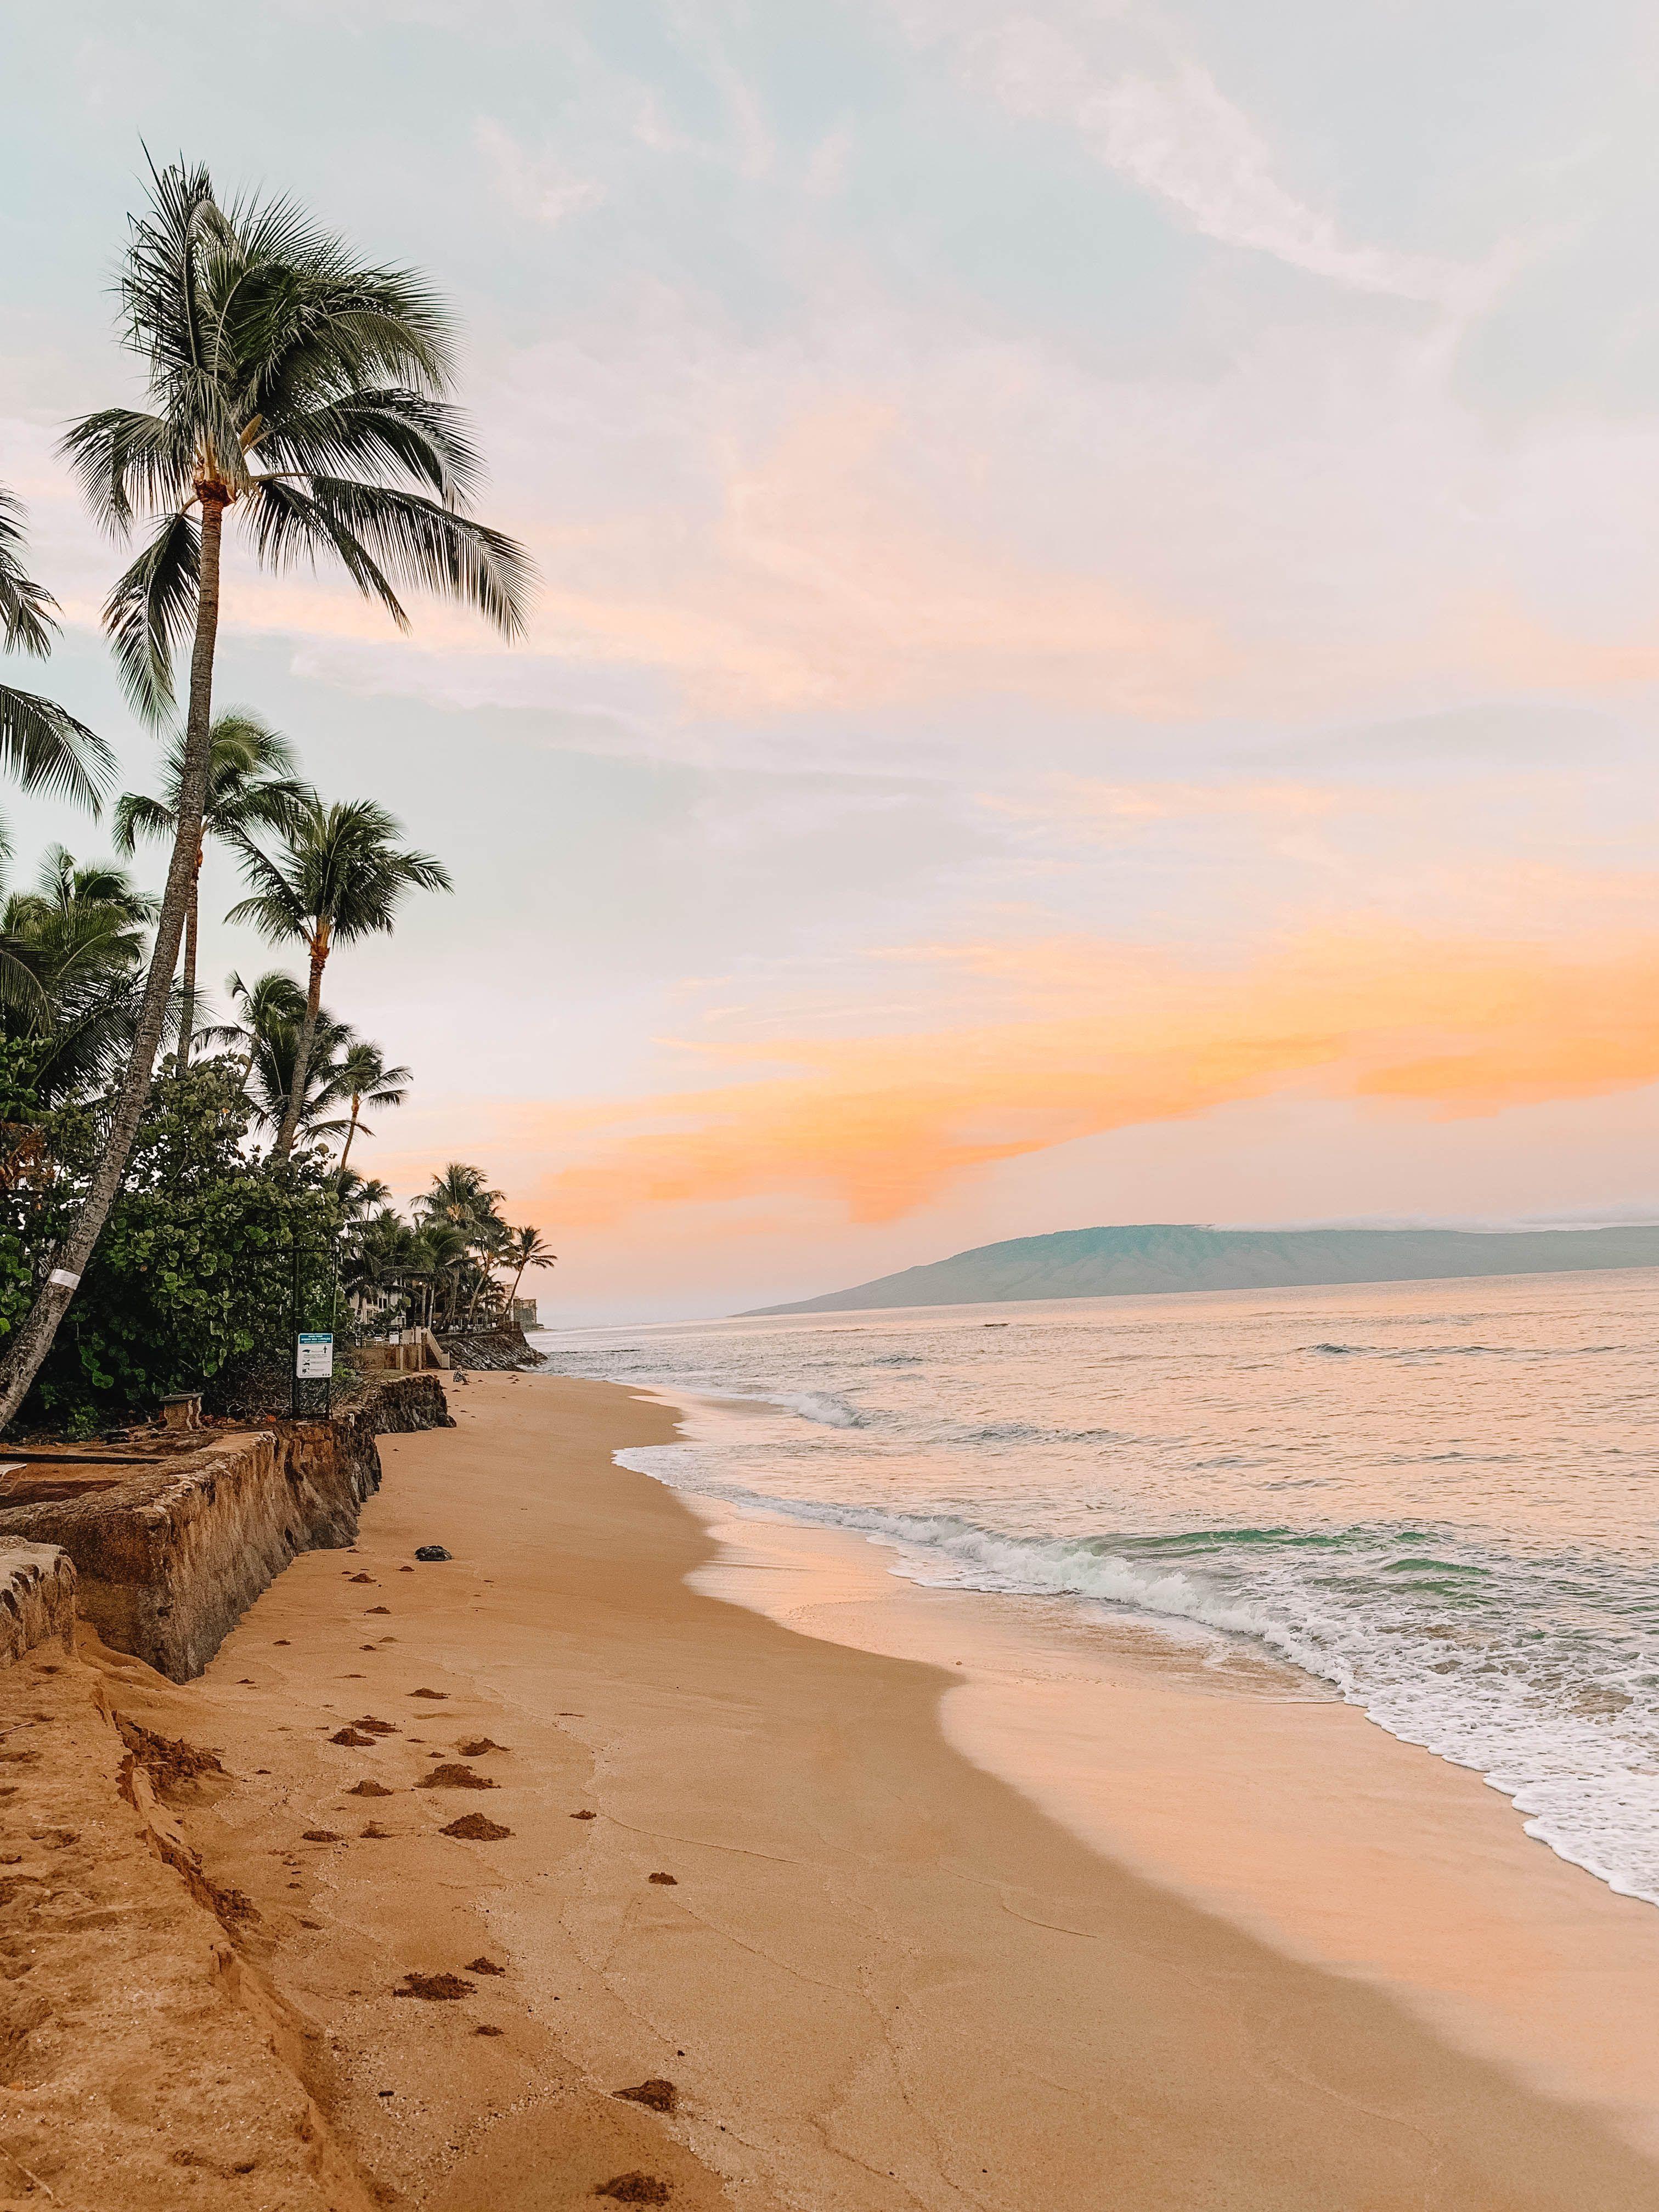 Unsere Reise nach Maui Hawaii Spaß Dinge zu tun während in Maui Unsere Reise nach Maui Hawaii alle Details unserer Reise nach Maui zu teilen Alles was zu tun i...